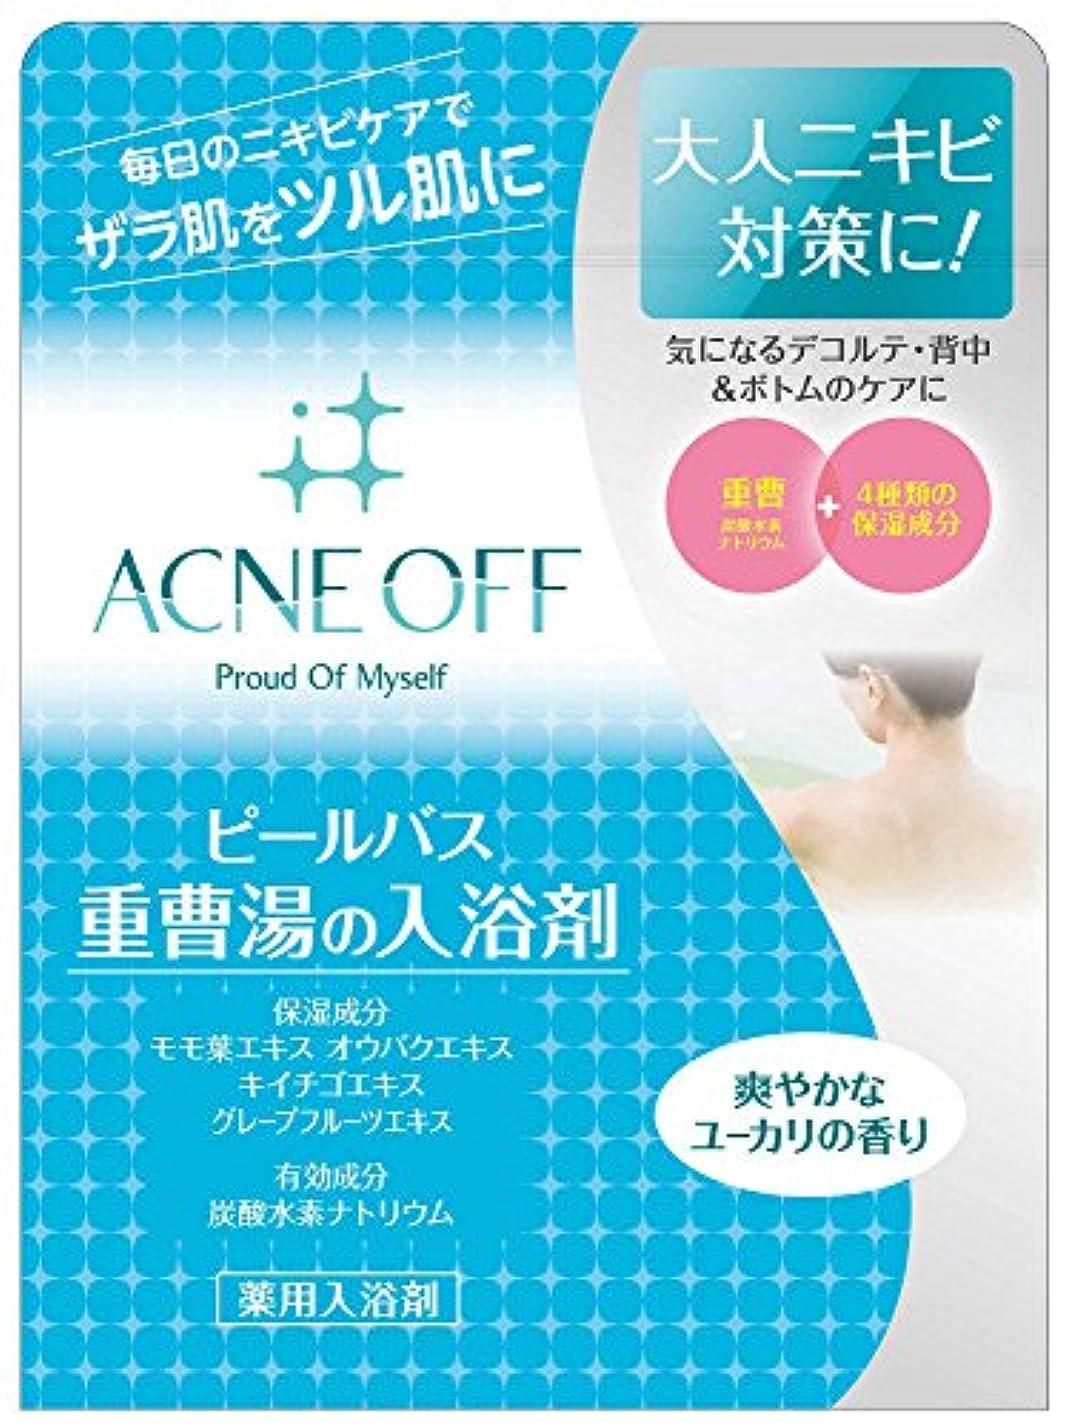 汗やる枯渇マックス 薬用アクネオフ 重曹湯の入浴剤 500g (医薬部外品)